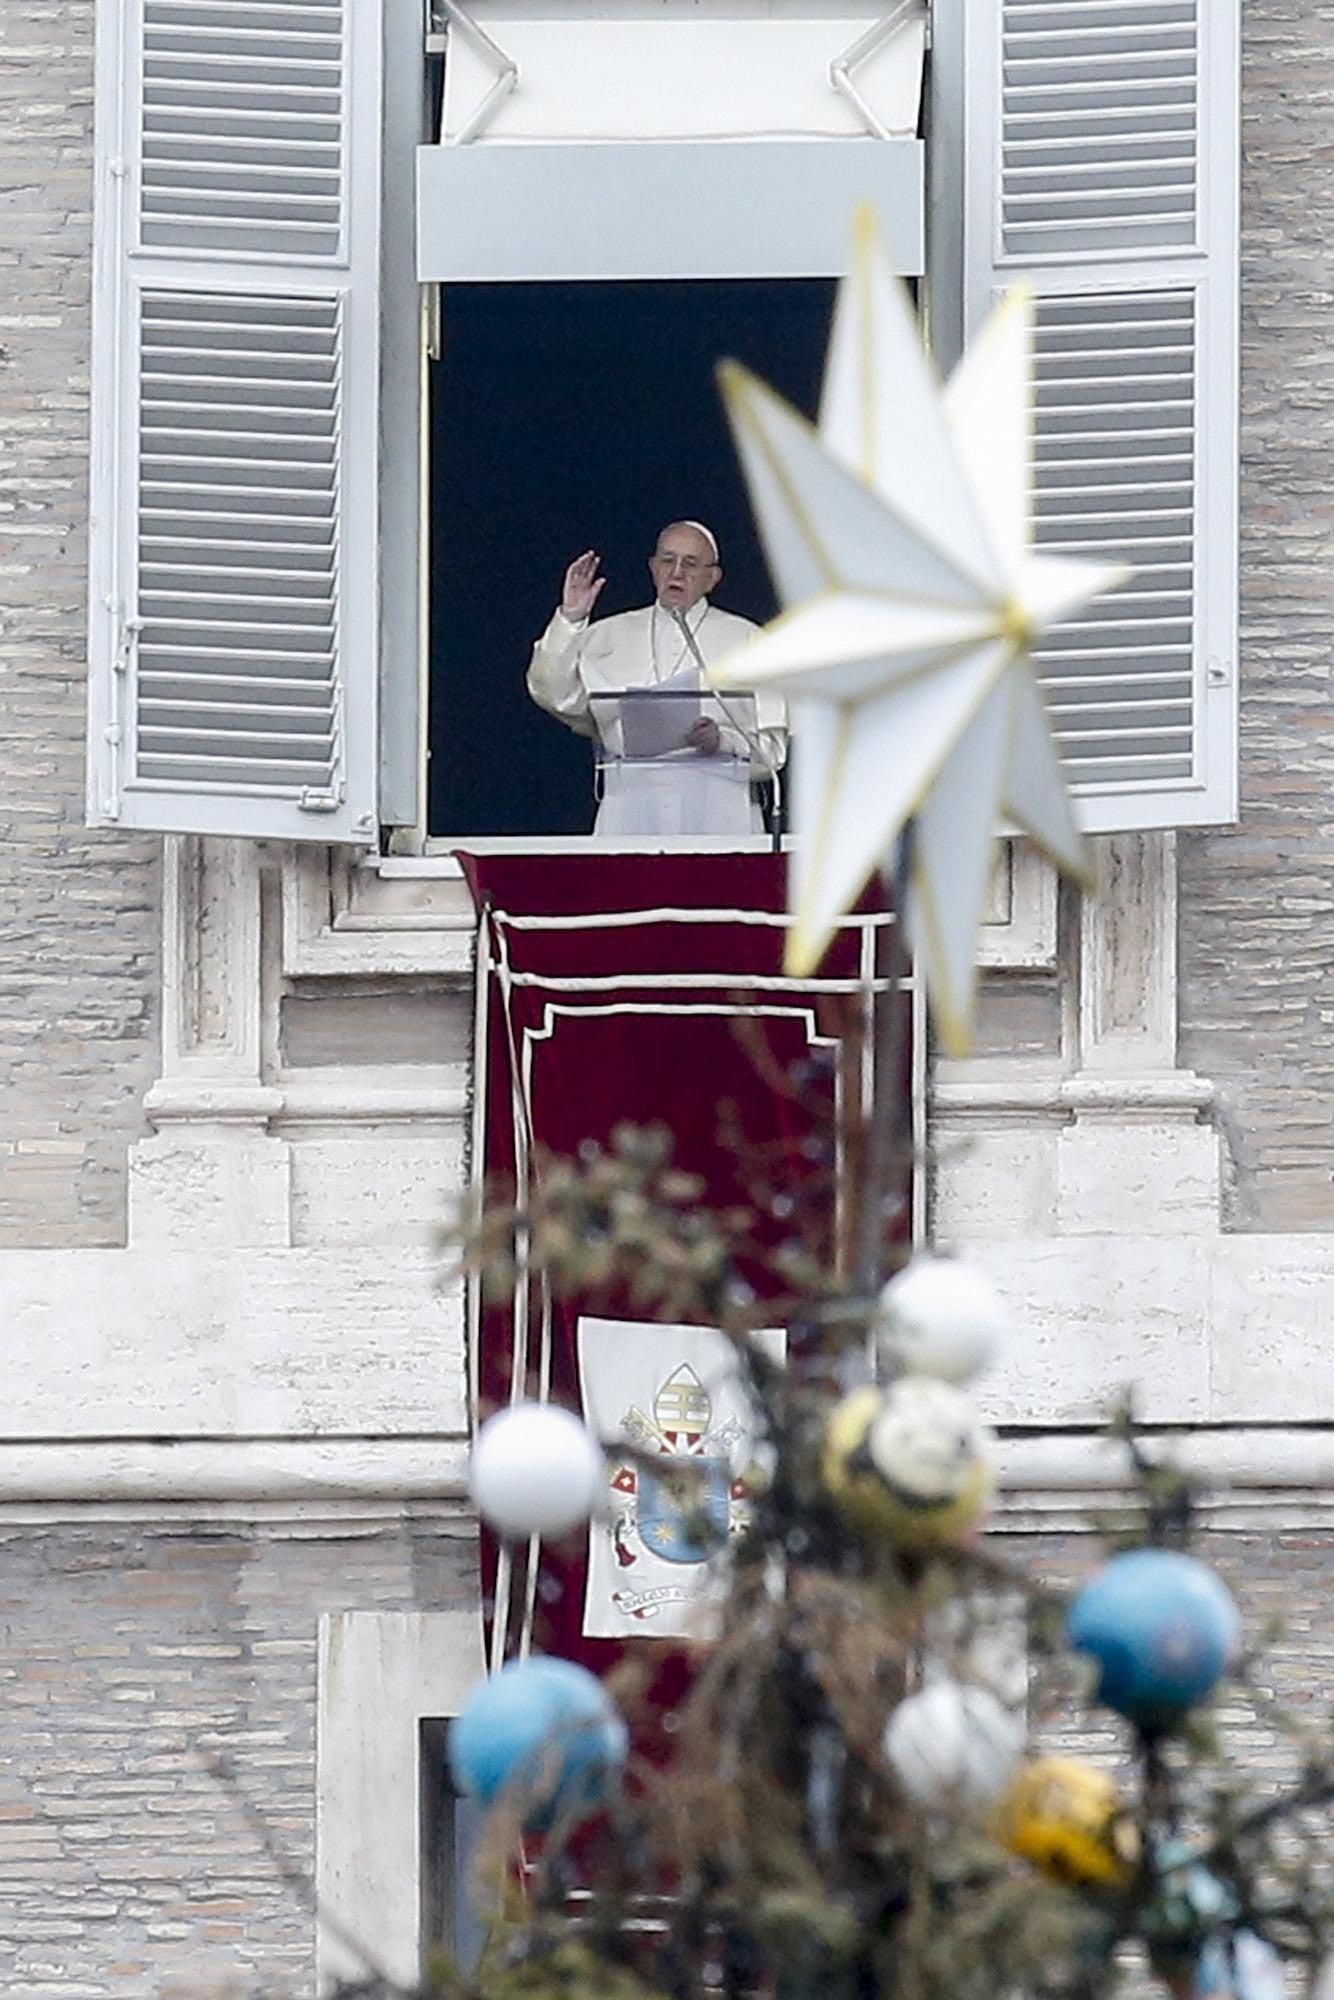 Watykan: Papież Franciszek prowadzi modlitwę Anioł Pański w 51. Światowym Dniu Pokoju. Modlił się za migrantów i uchodźców, plac św. Piotra w Watykanie, fot: Fabio Frustaci, PAP/EPA